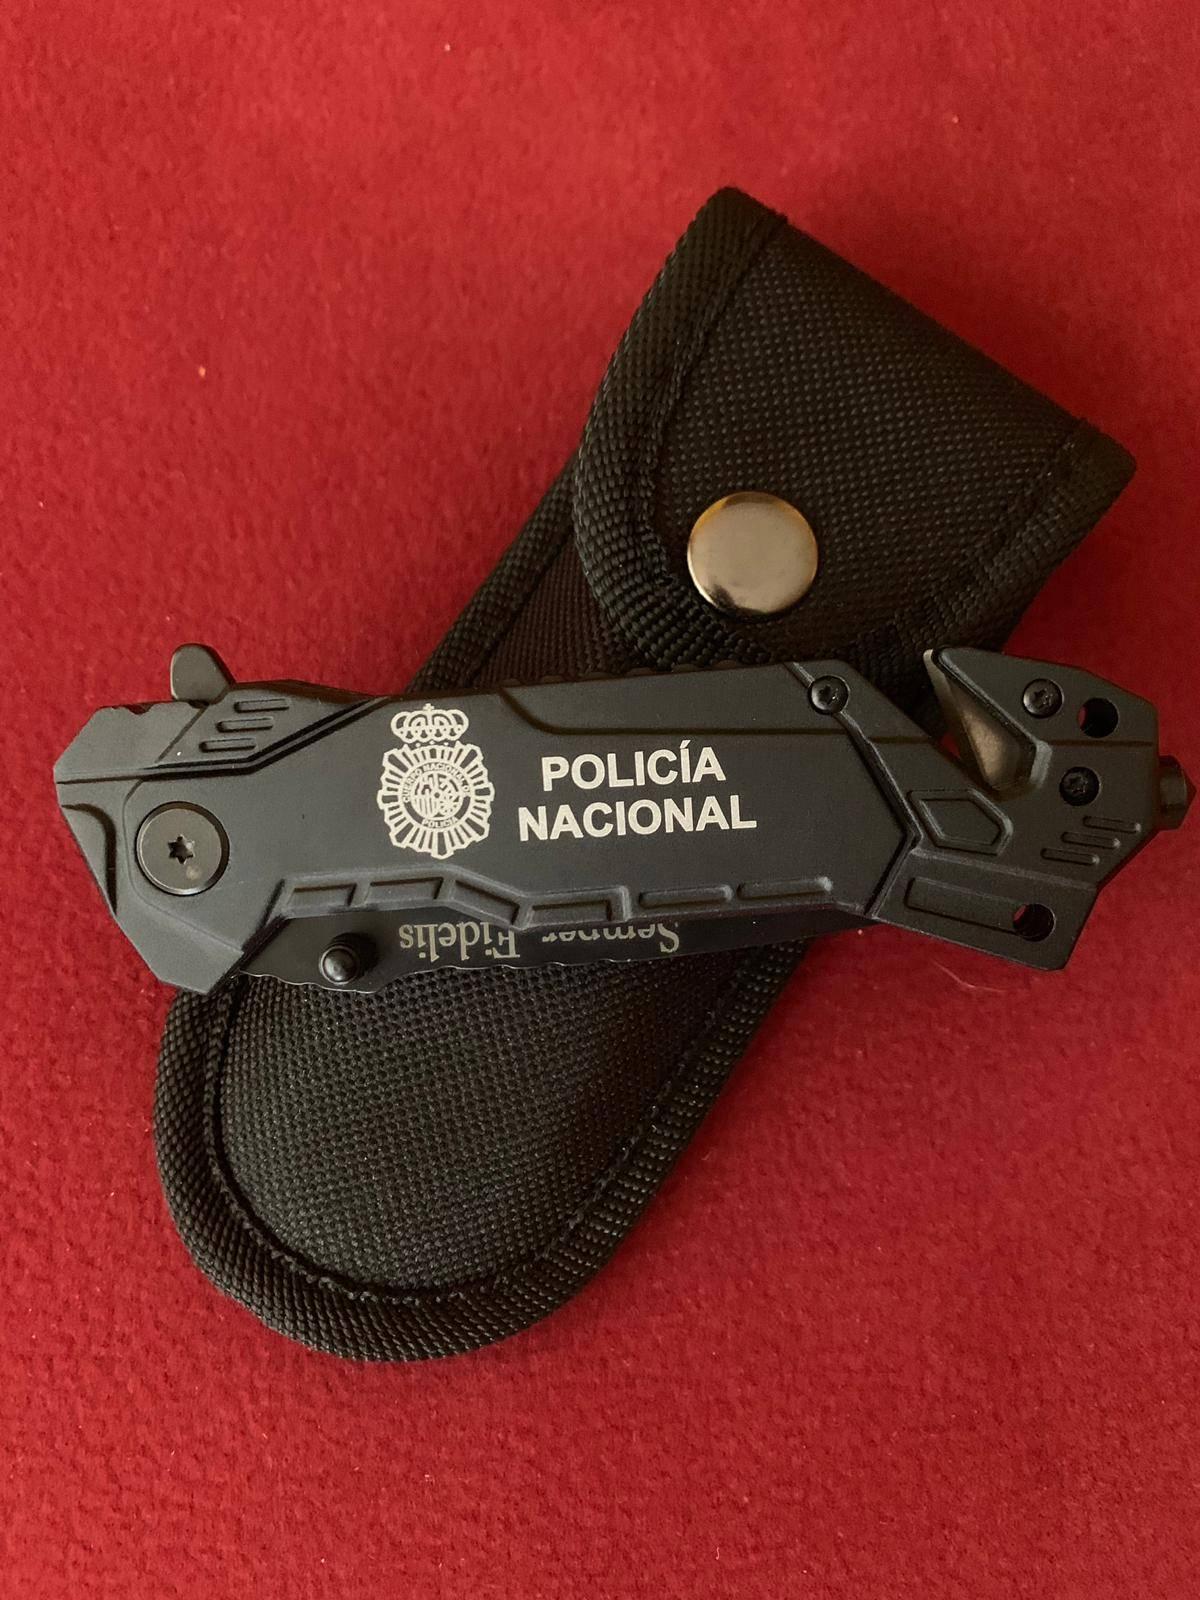 Navaja personalizada Policía Nacional